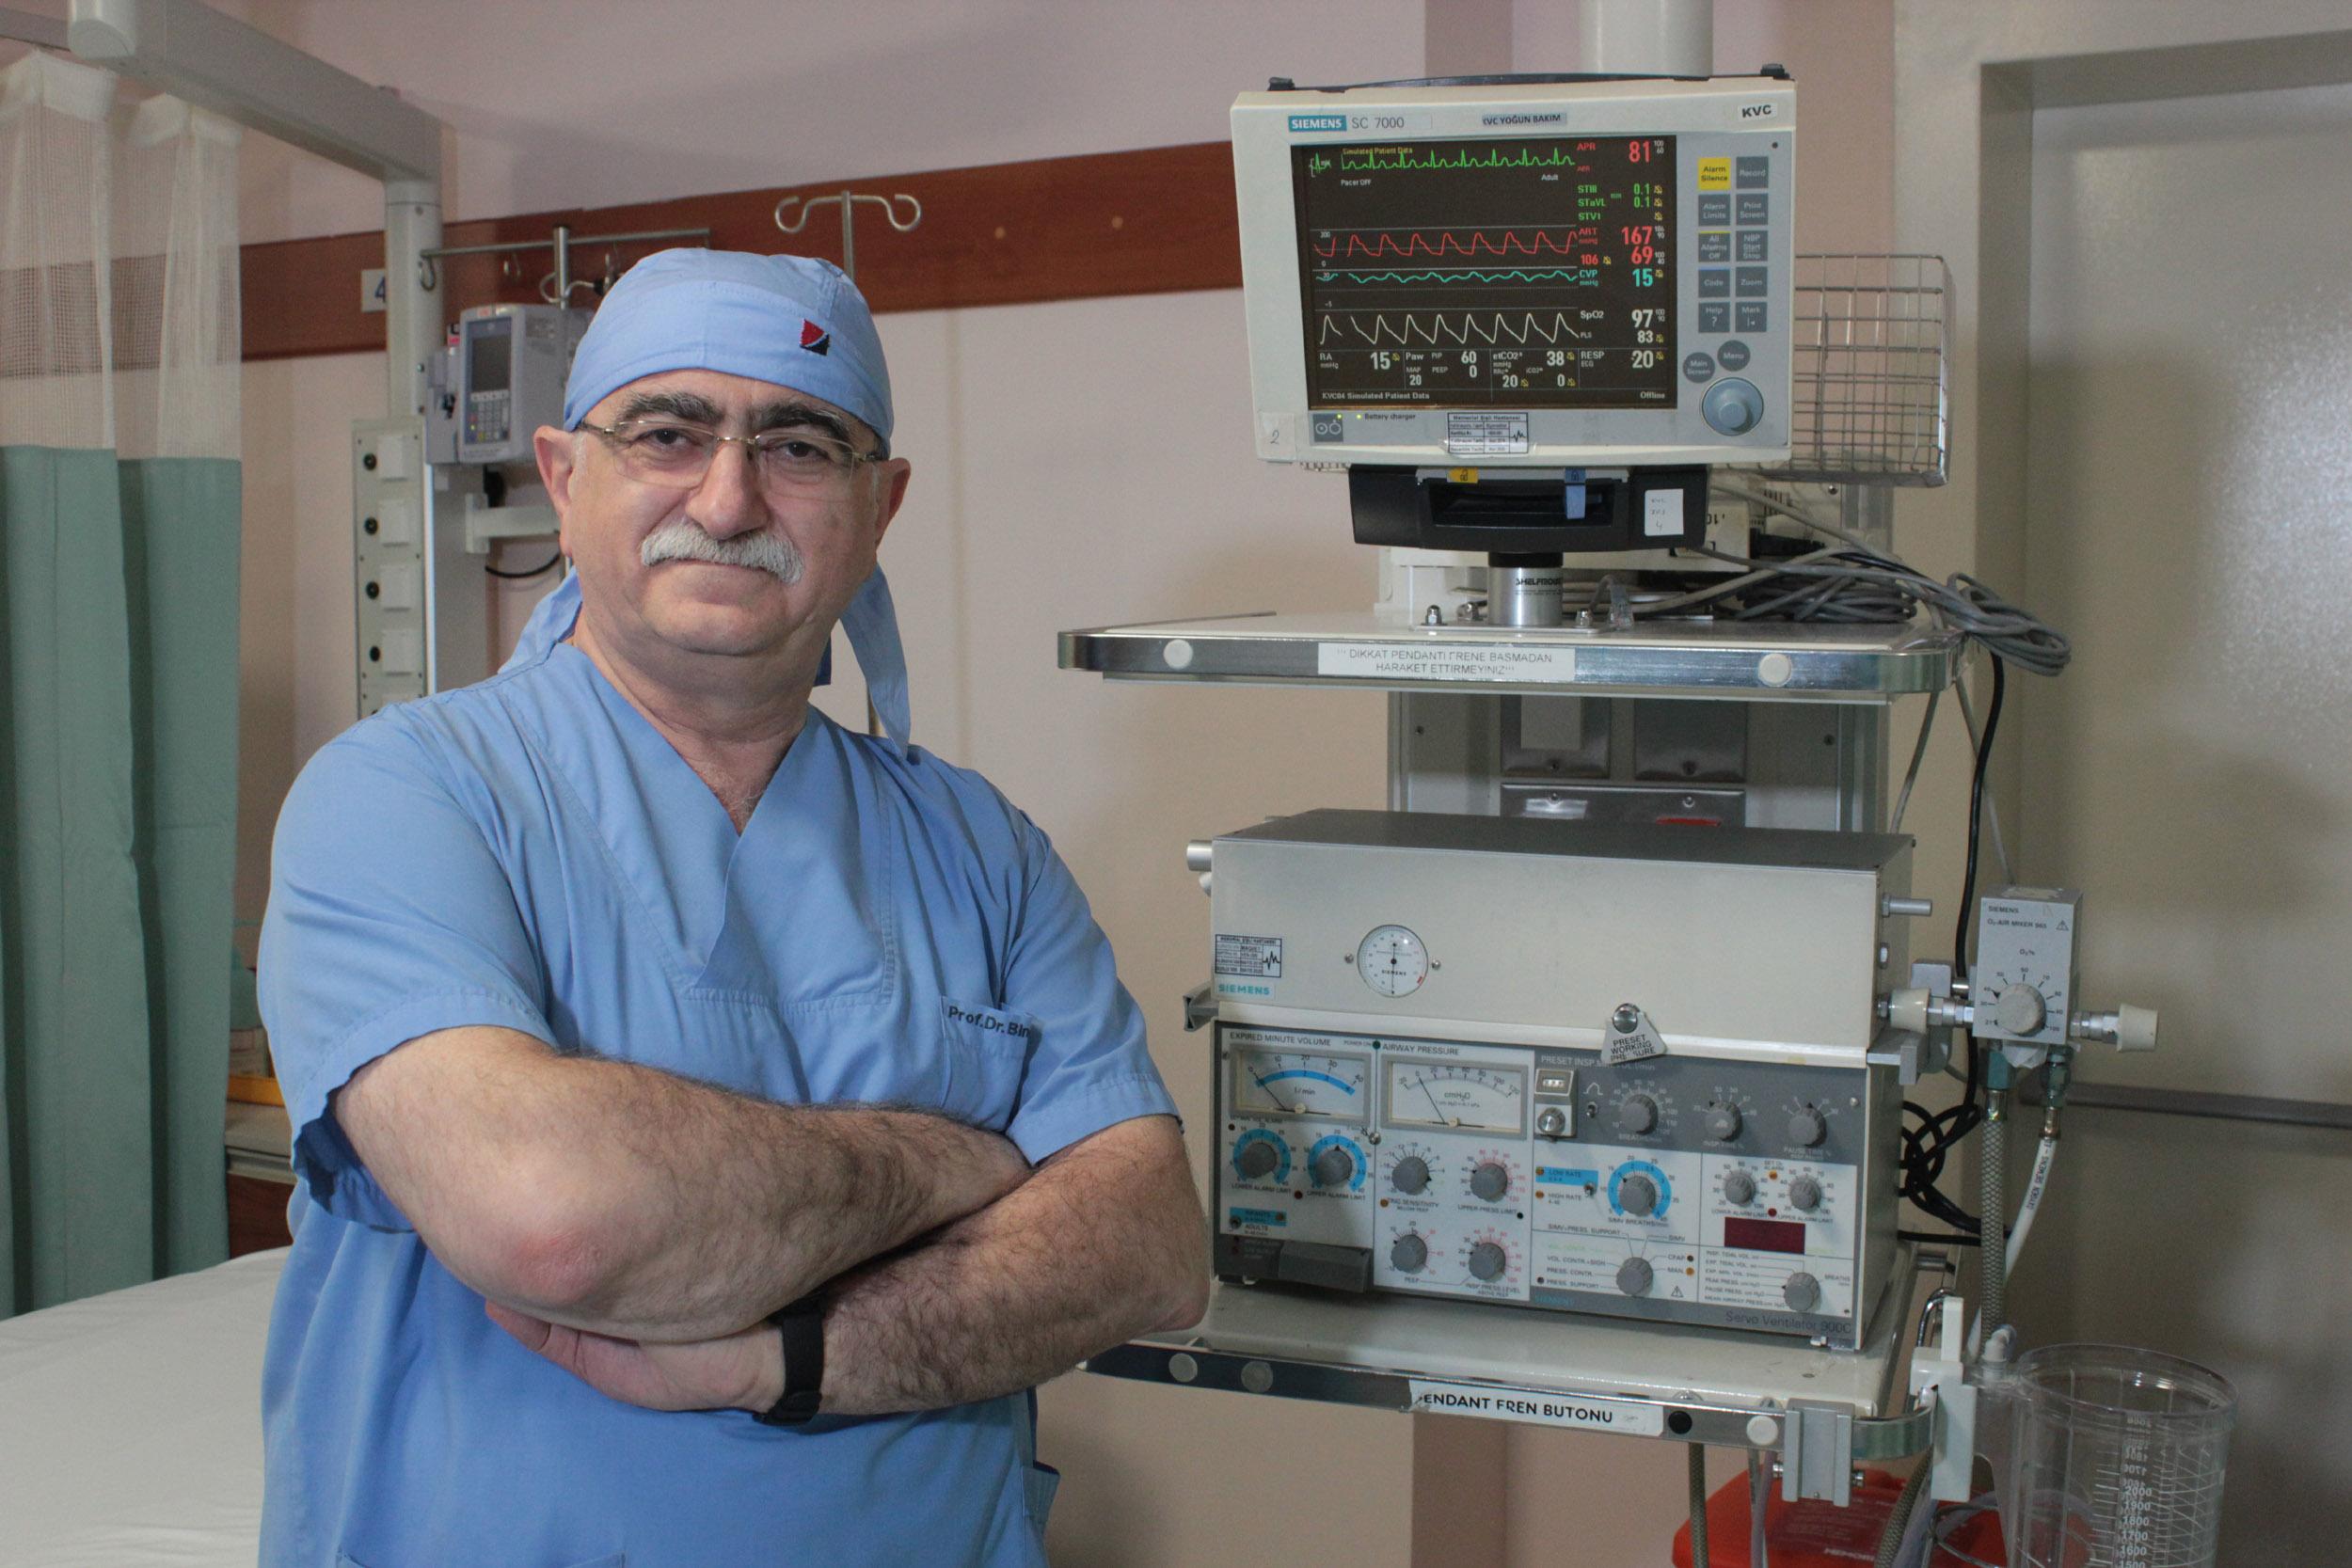 Ünlü kalp cerrahı uyardı: Reçetesiz ilaçta 'ani kalp durması' riski var